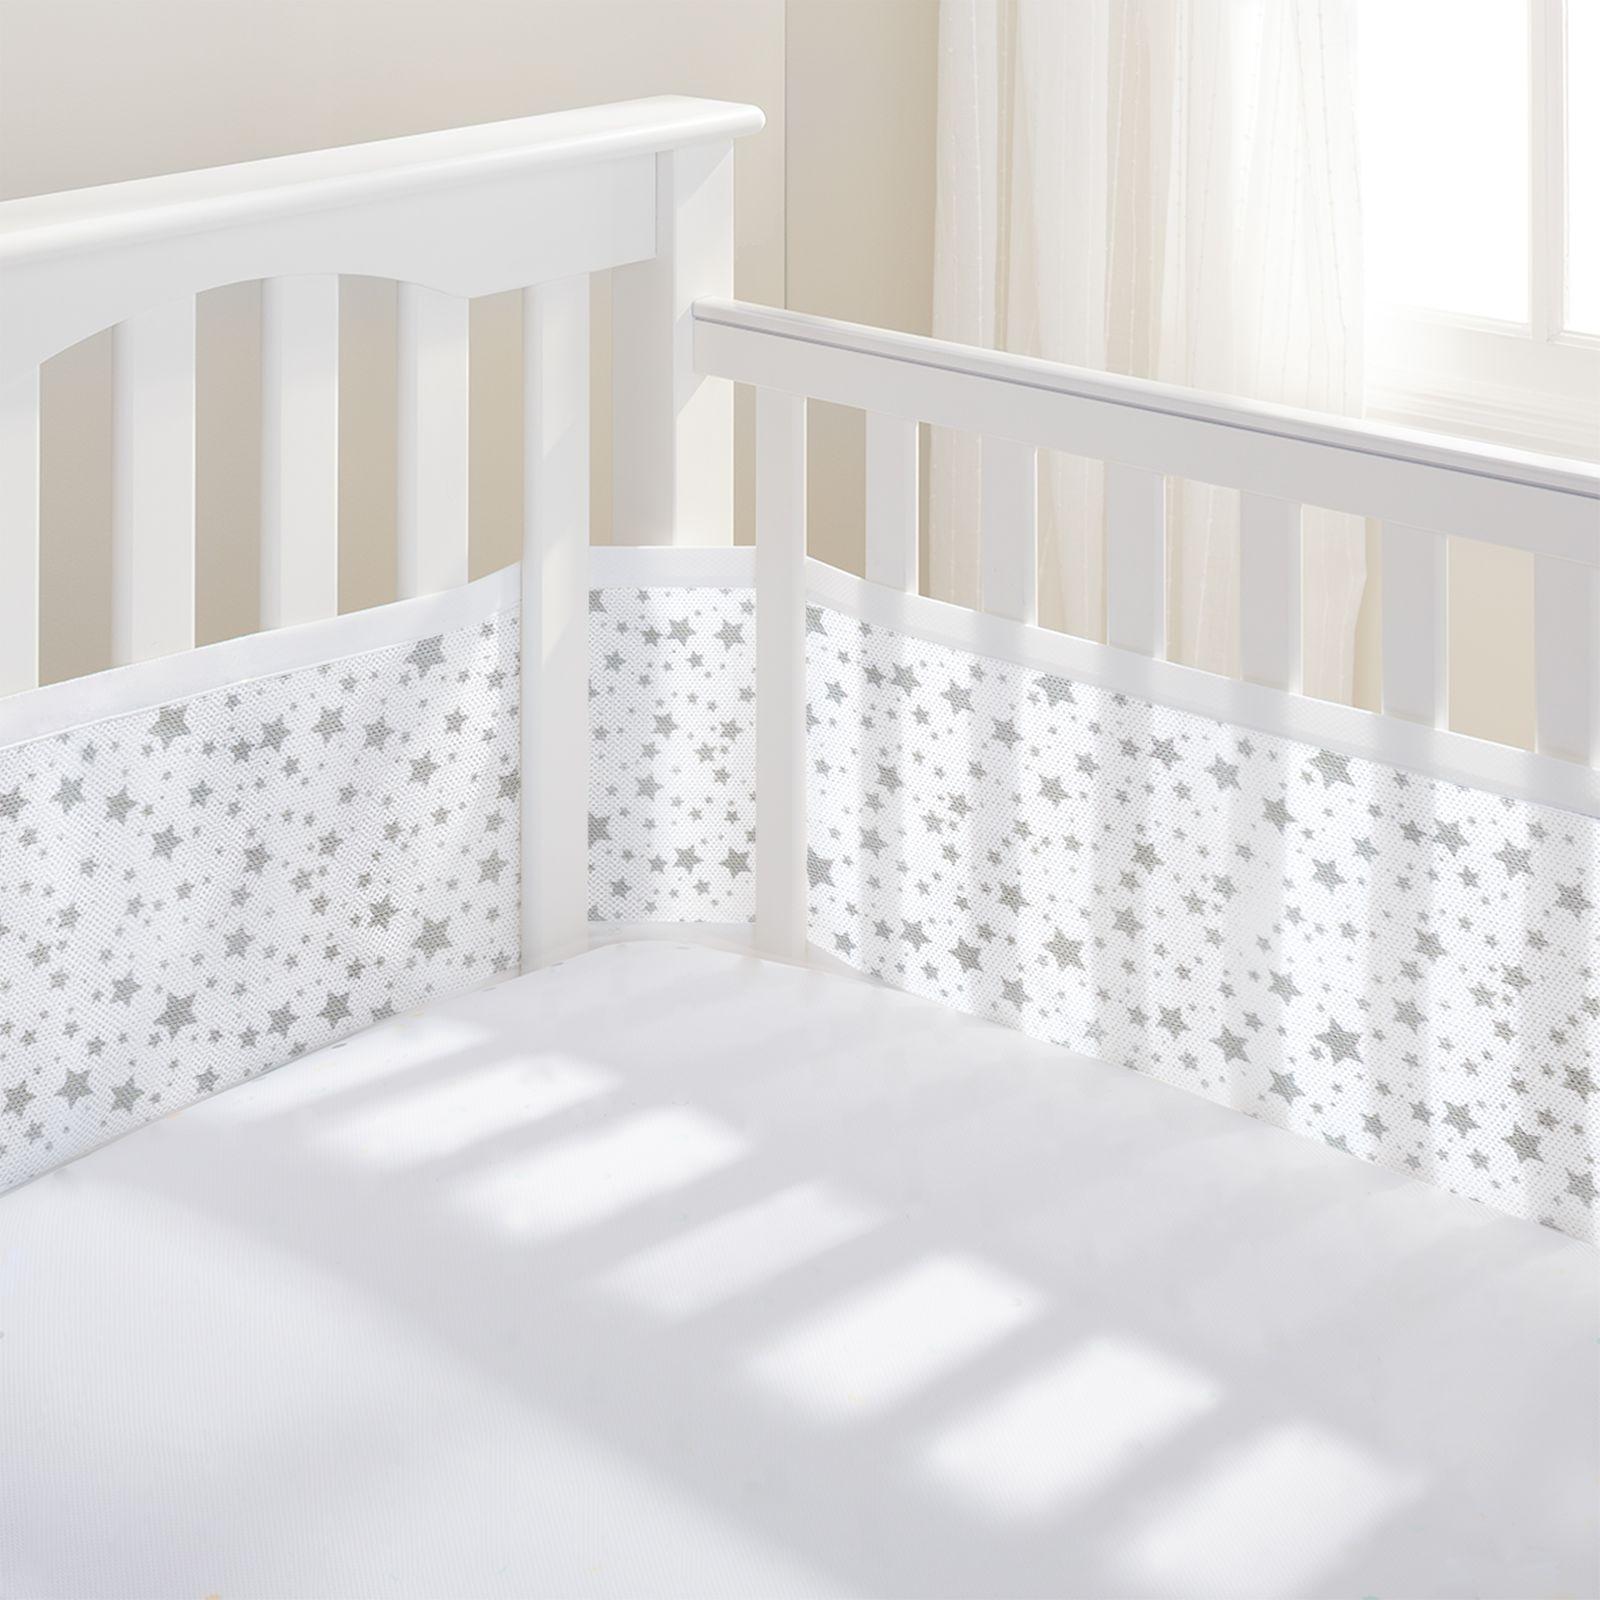 Luftdurchlässiges Babynest für Gitterbetten – Bild 24